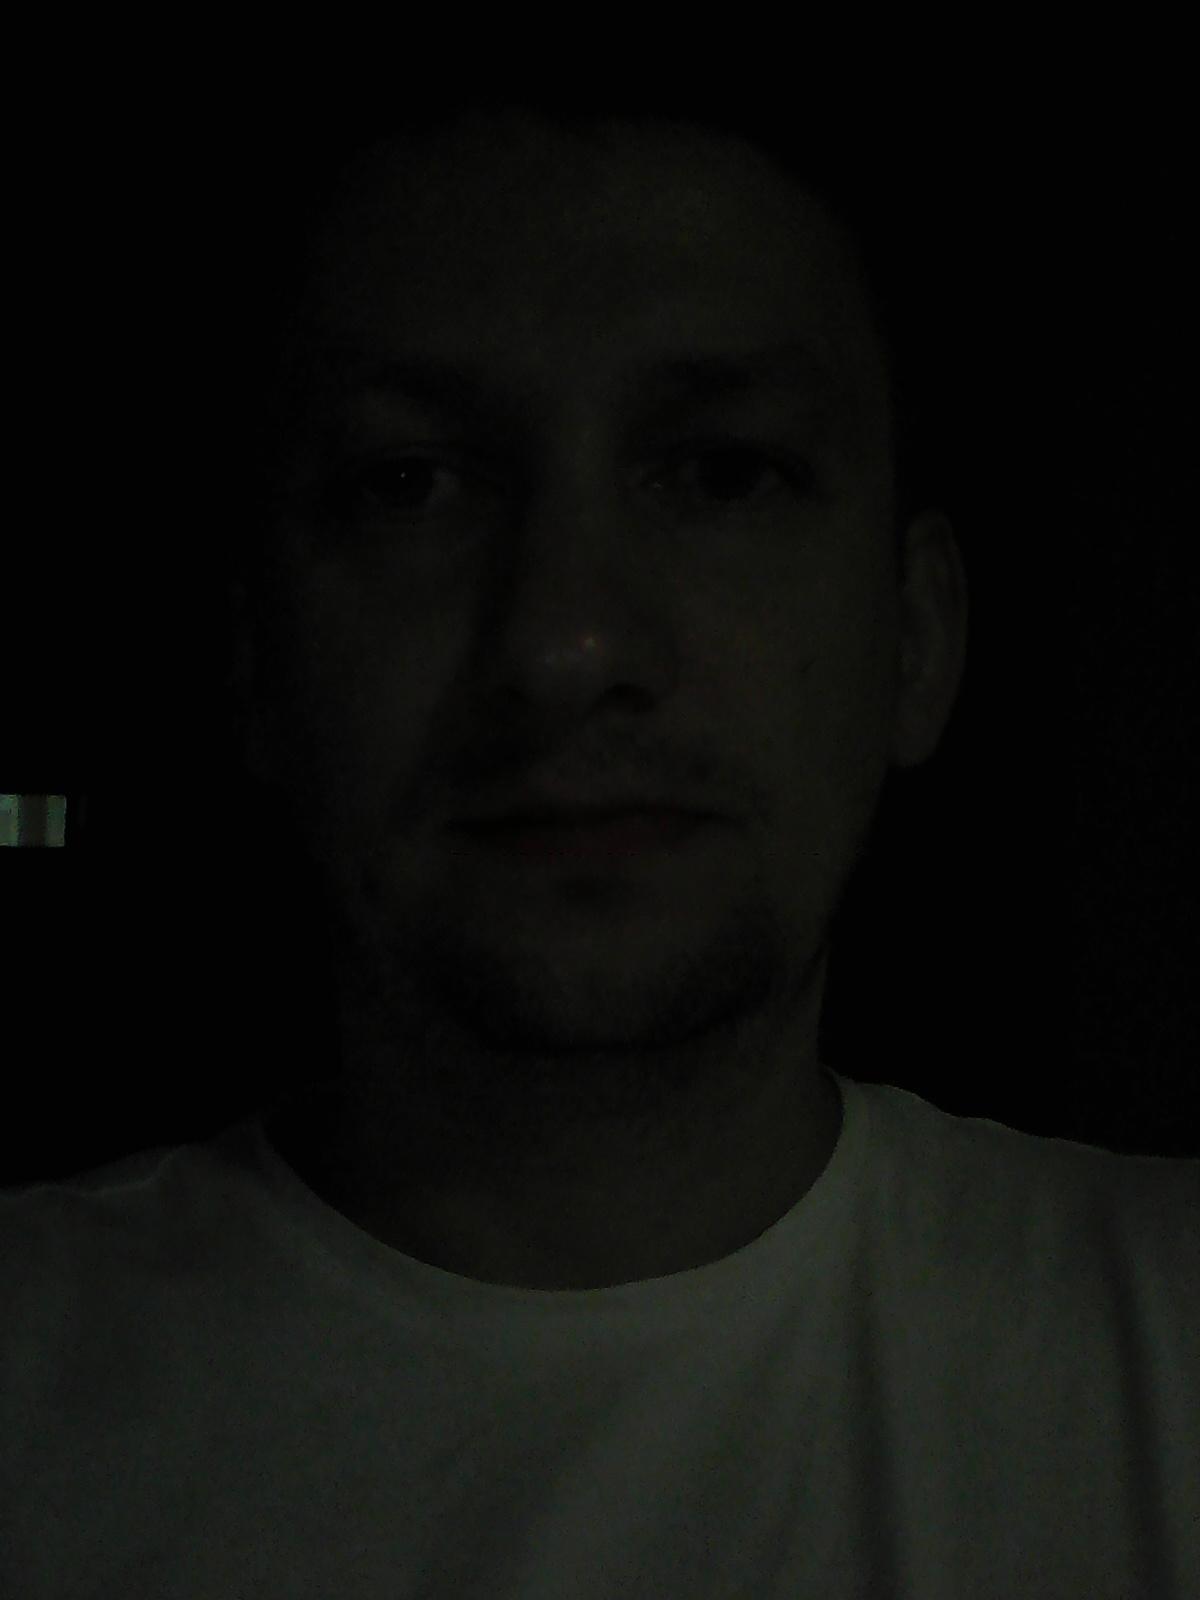 Съемка фронтальной камеры в полумраке помещения